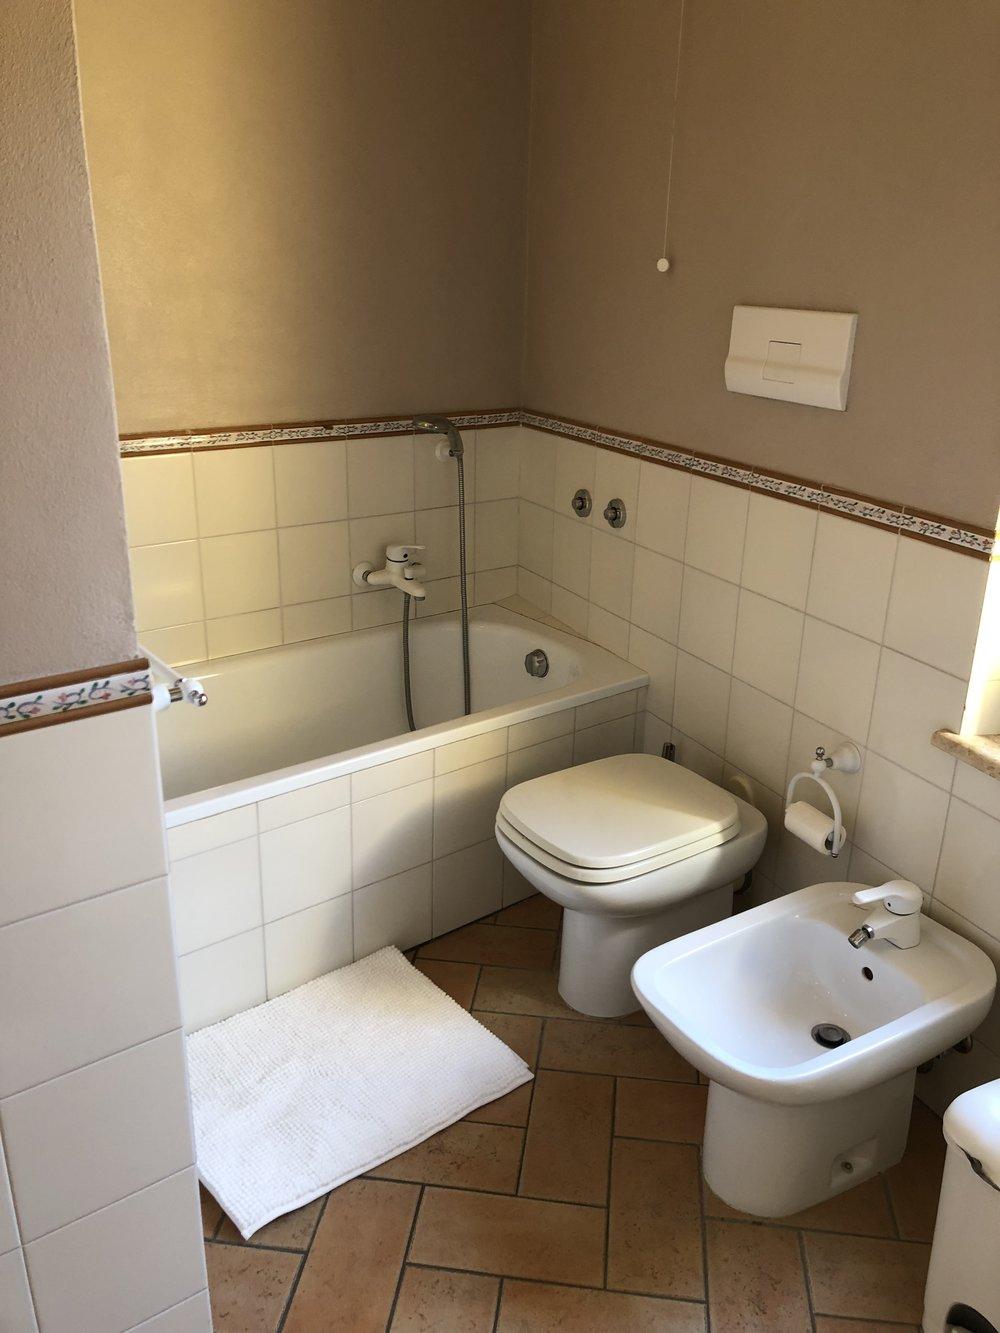 Downstairs bathroom: bathtub